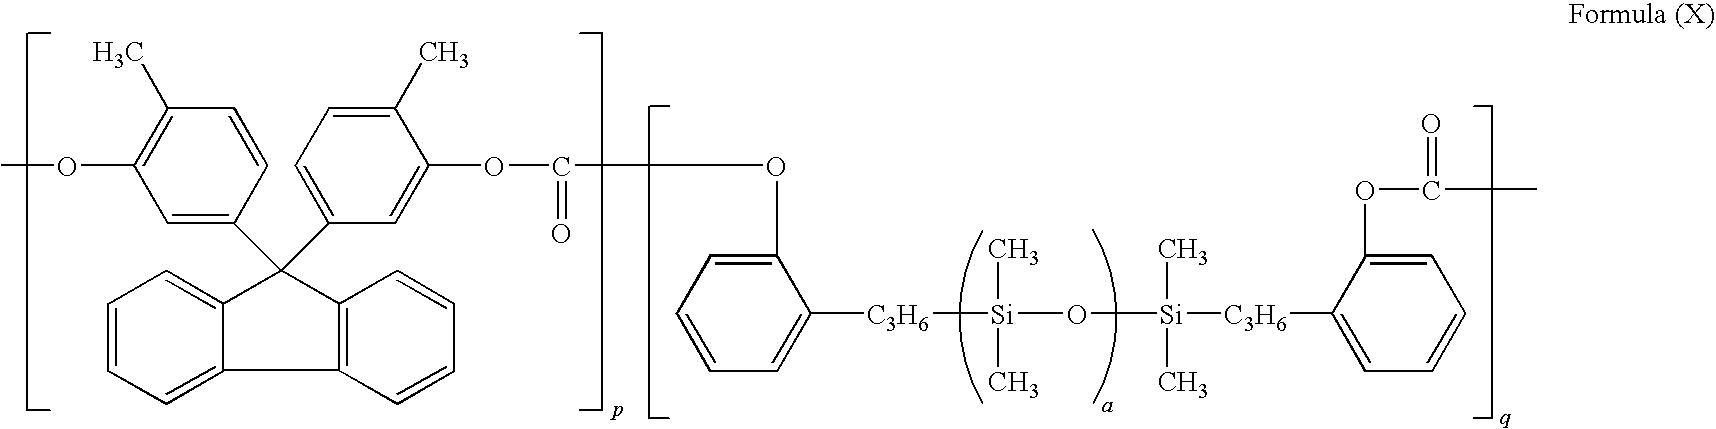 Figure US08026028-20110927-C00059